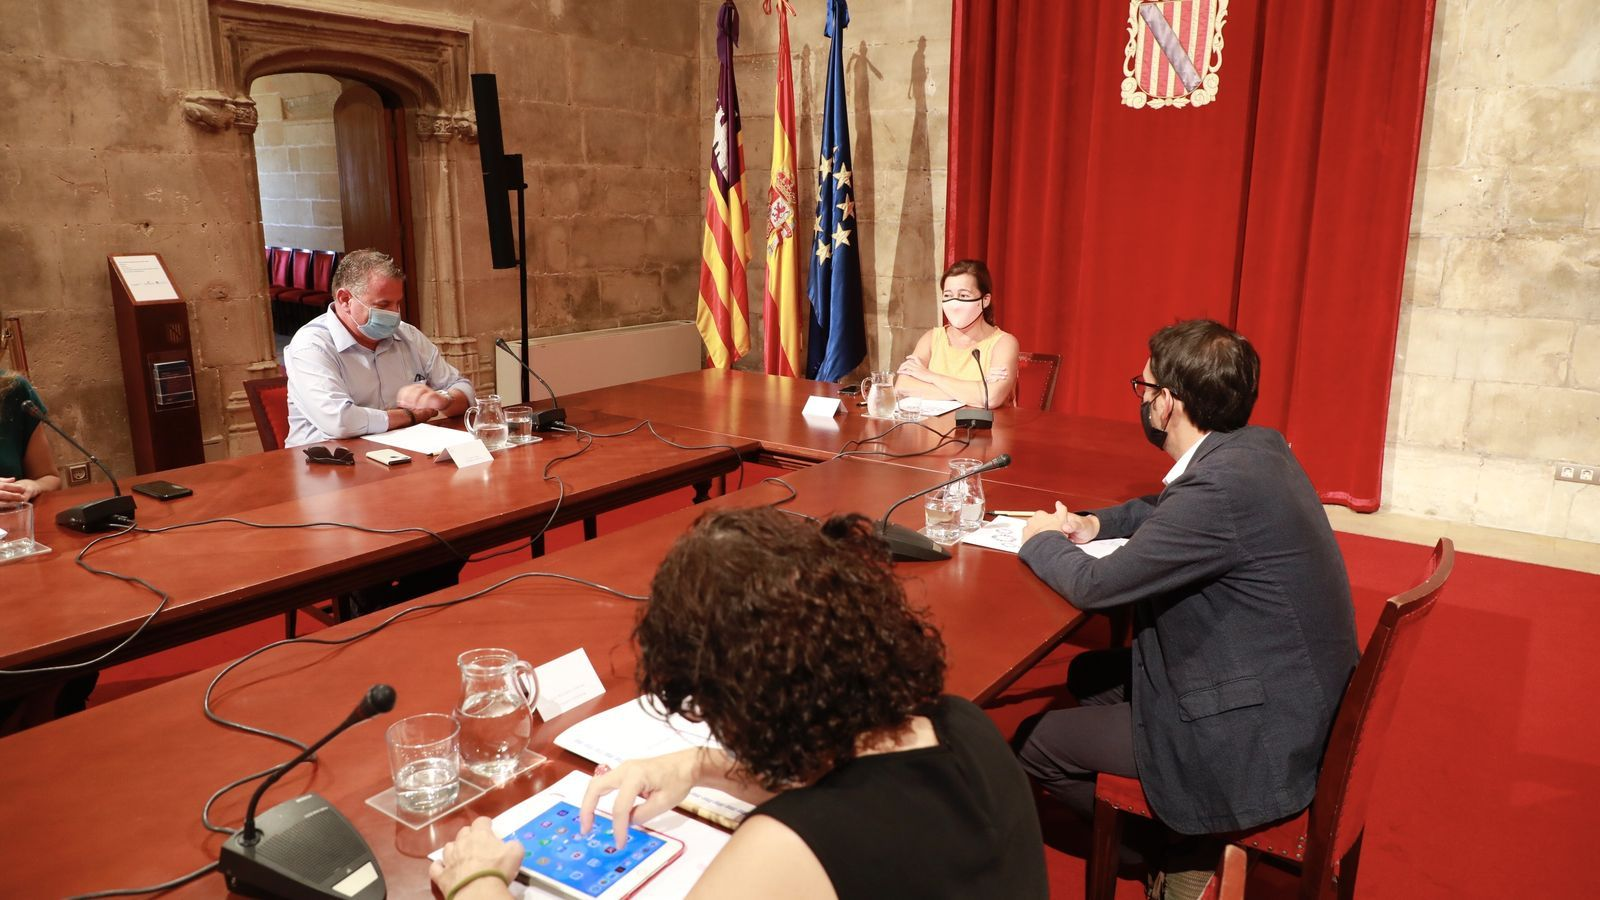 La reunió mantinguda al Consolat de la Mar ha servit per intercanviar opinions sobre l'afectació del coronavirus a l'àmbit econòmic.